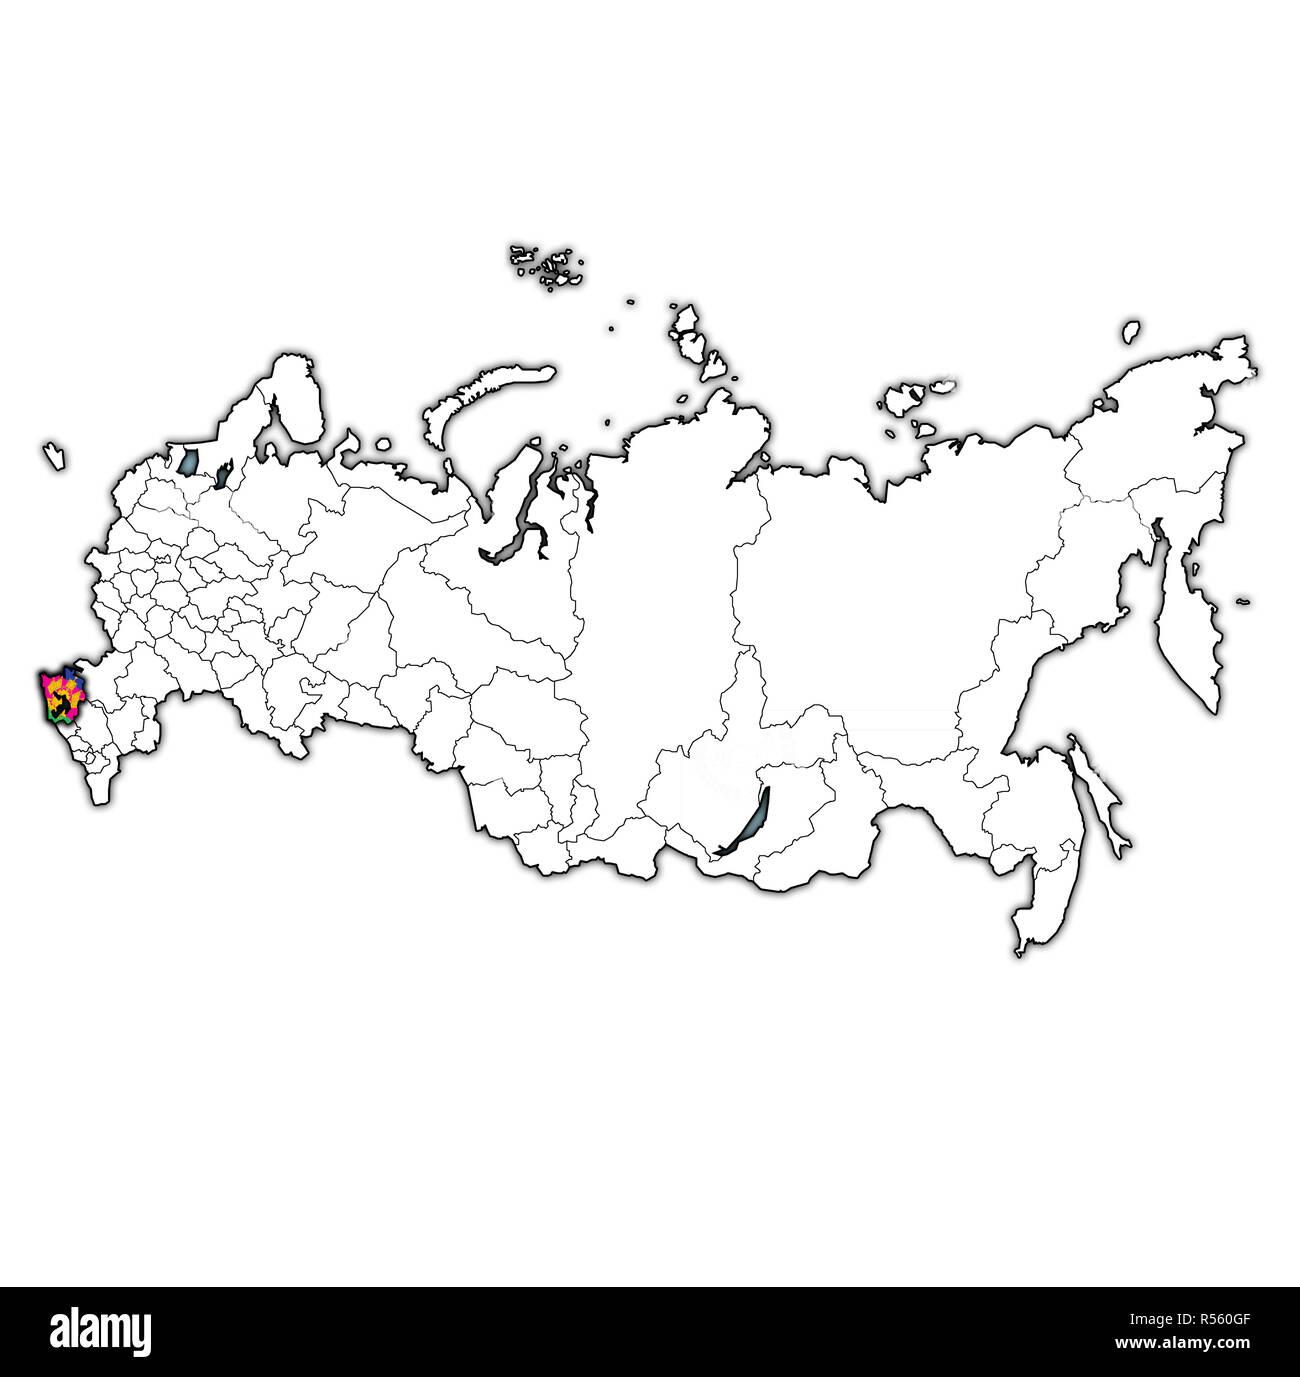 Emblema De Krasnodar Krai En El Mapa Con Las Divisiones Administrativas Y De Las Fronteras De Rusia Fotografia De Stock Alamy